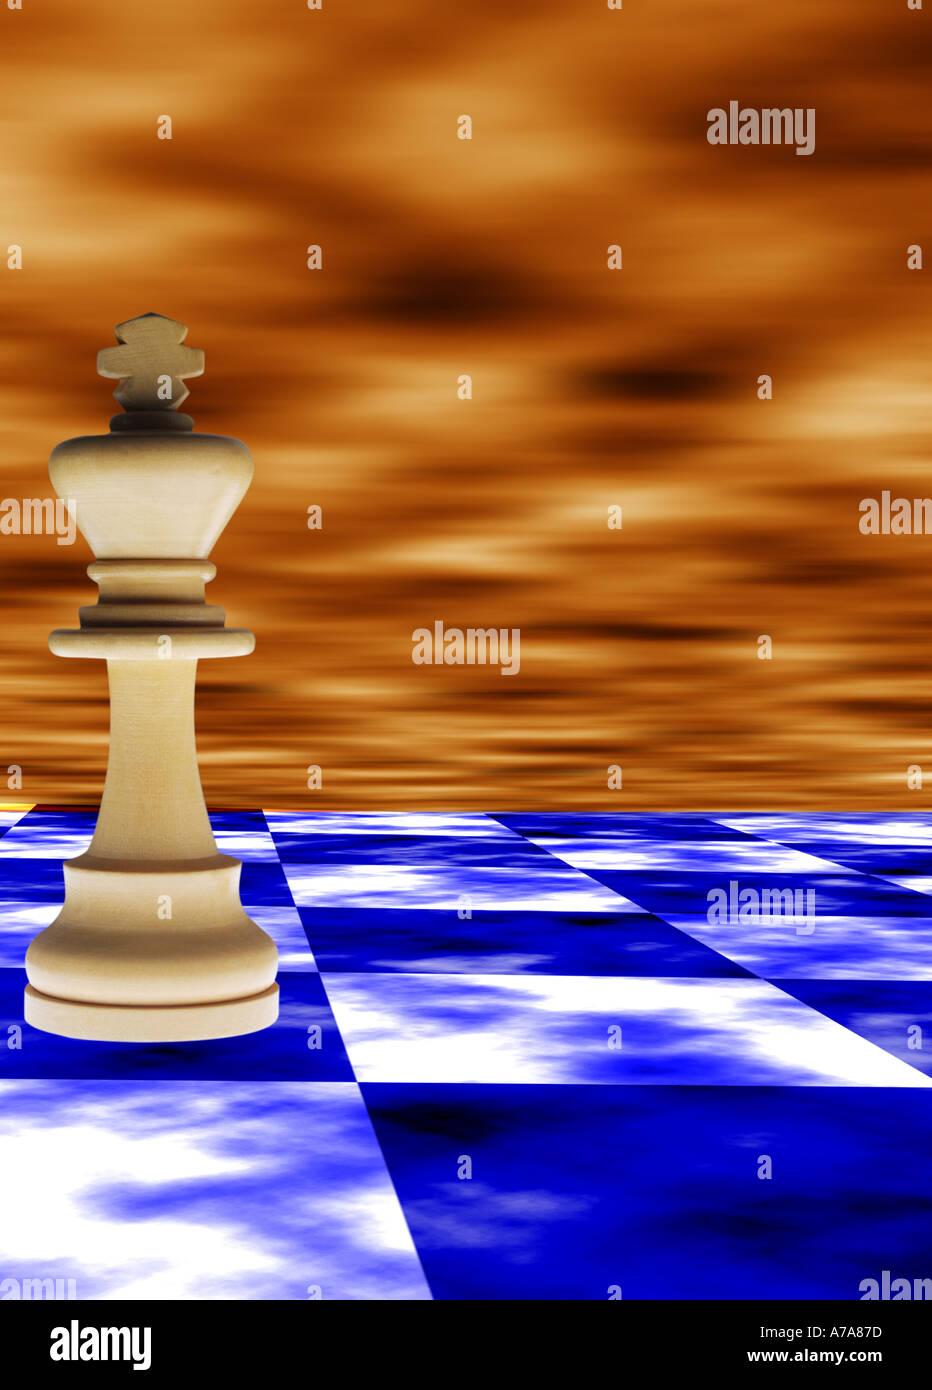 Gigante, Scacchi, pezzi, gioco, concetto astratto di effetti speciali, strategia, teoria, razionale, studio, matematiche, modello Immagini Stock